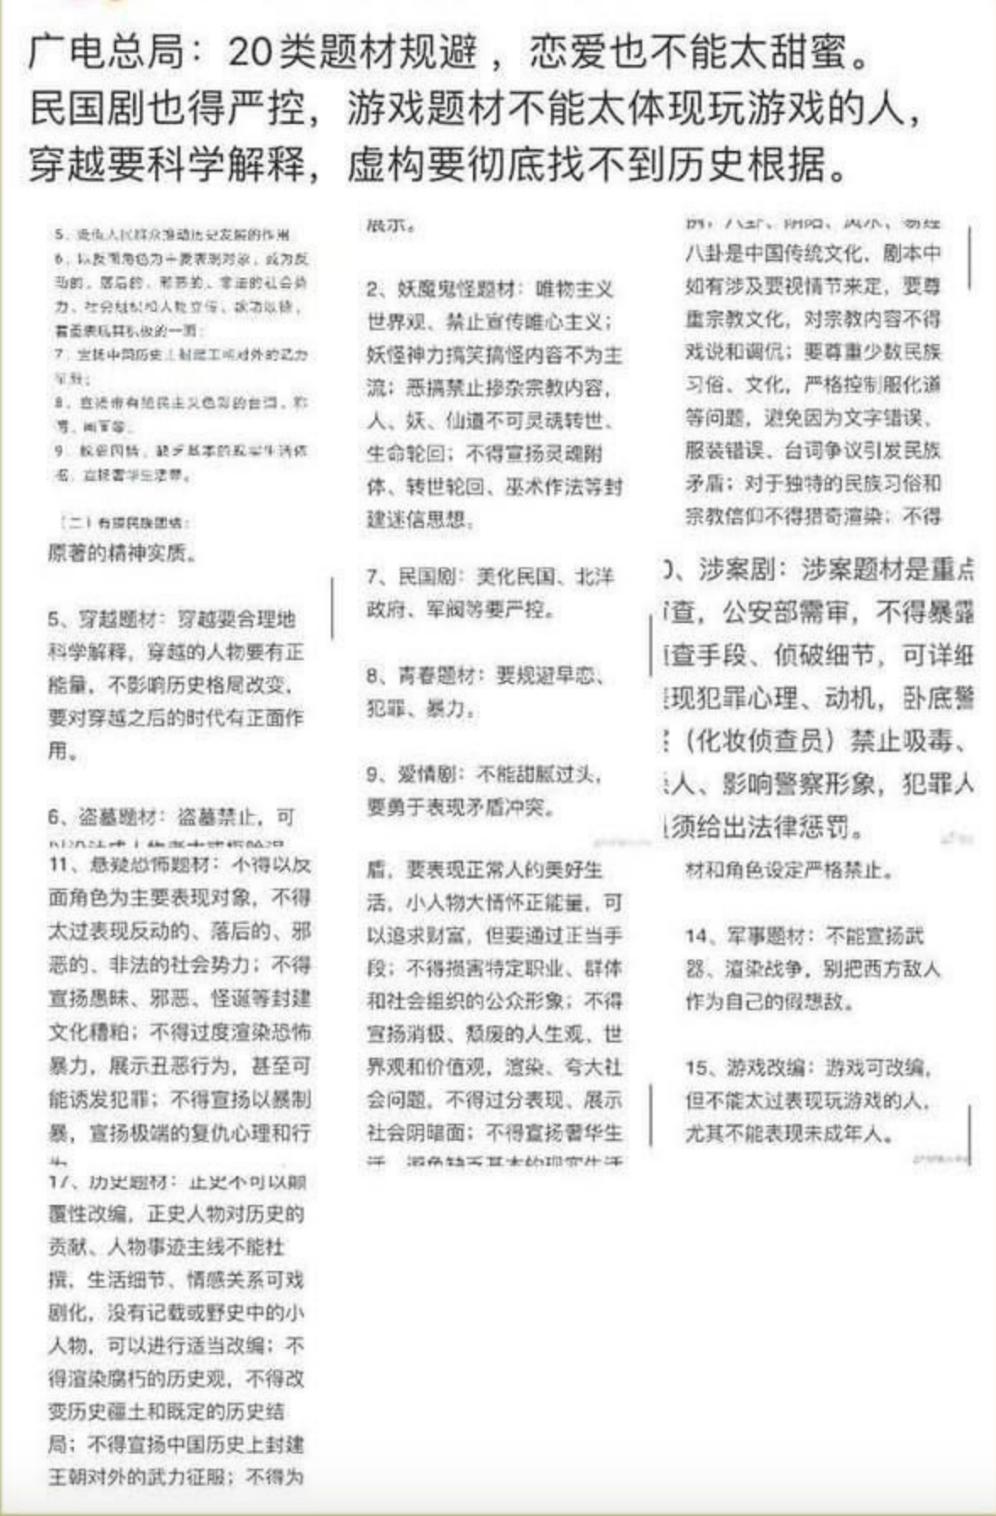 微博传出广电总局祭出20条影视内容禁令。(微博/夏小华提供)